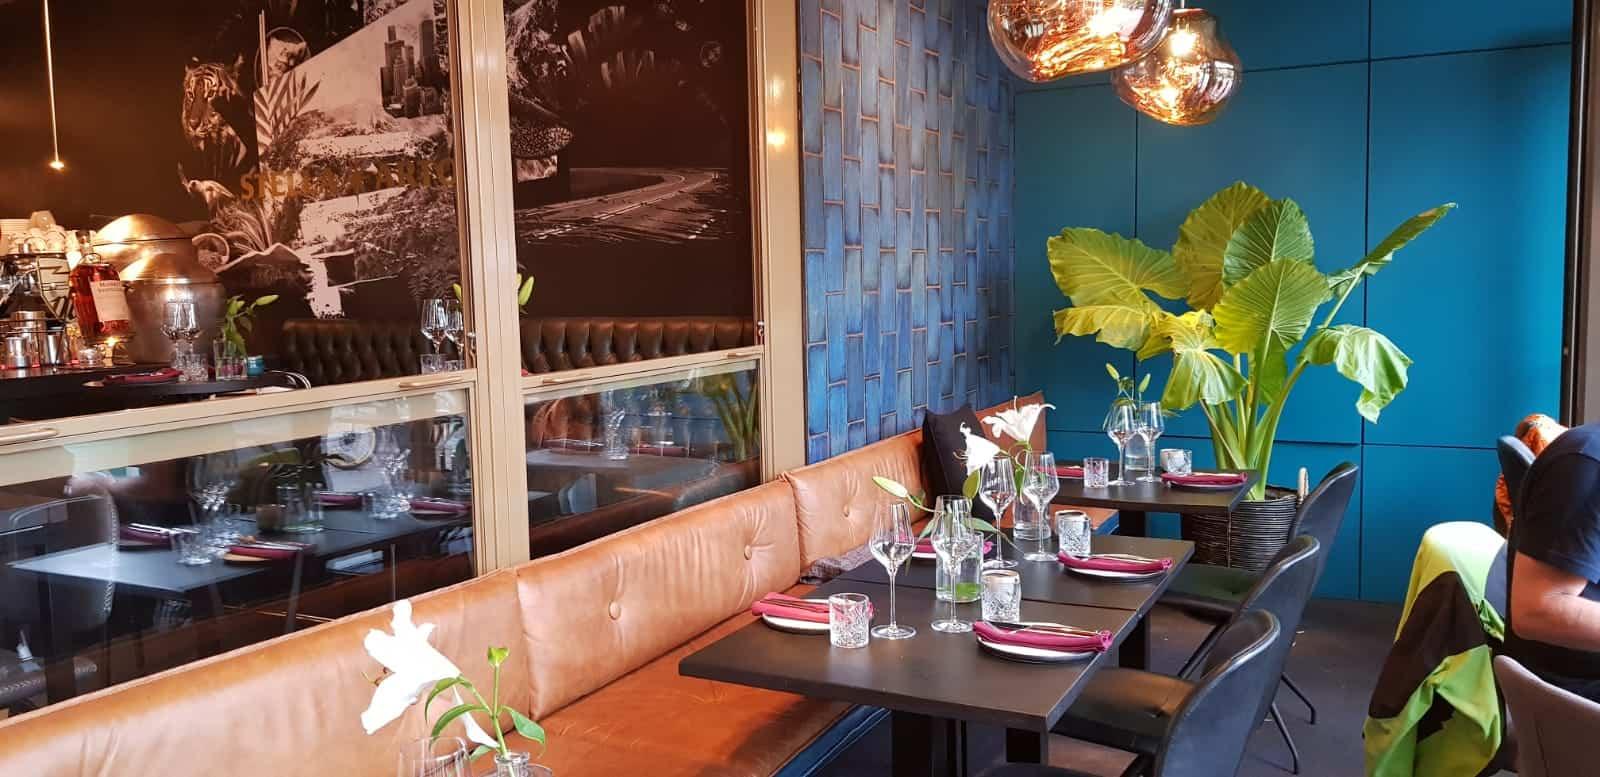 Met de komst van restaurant Nomads in Amsterdam-Oost is het niet meer nodig om reislust en trek voor avontuur te laten knagen. Het gloednieuwe Nomadische concept brengt je van de ene verrassende keuken naar de ander. Ja, iets totaal nieuws in de horeca, en verrassend goed bedacht, vonden wij.Om de zoveel maanden serveren deze Amsterdamse nomaden een compleet andere cuisine.Met als huidige stop: Peru. Restaurant Nomads